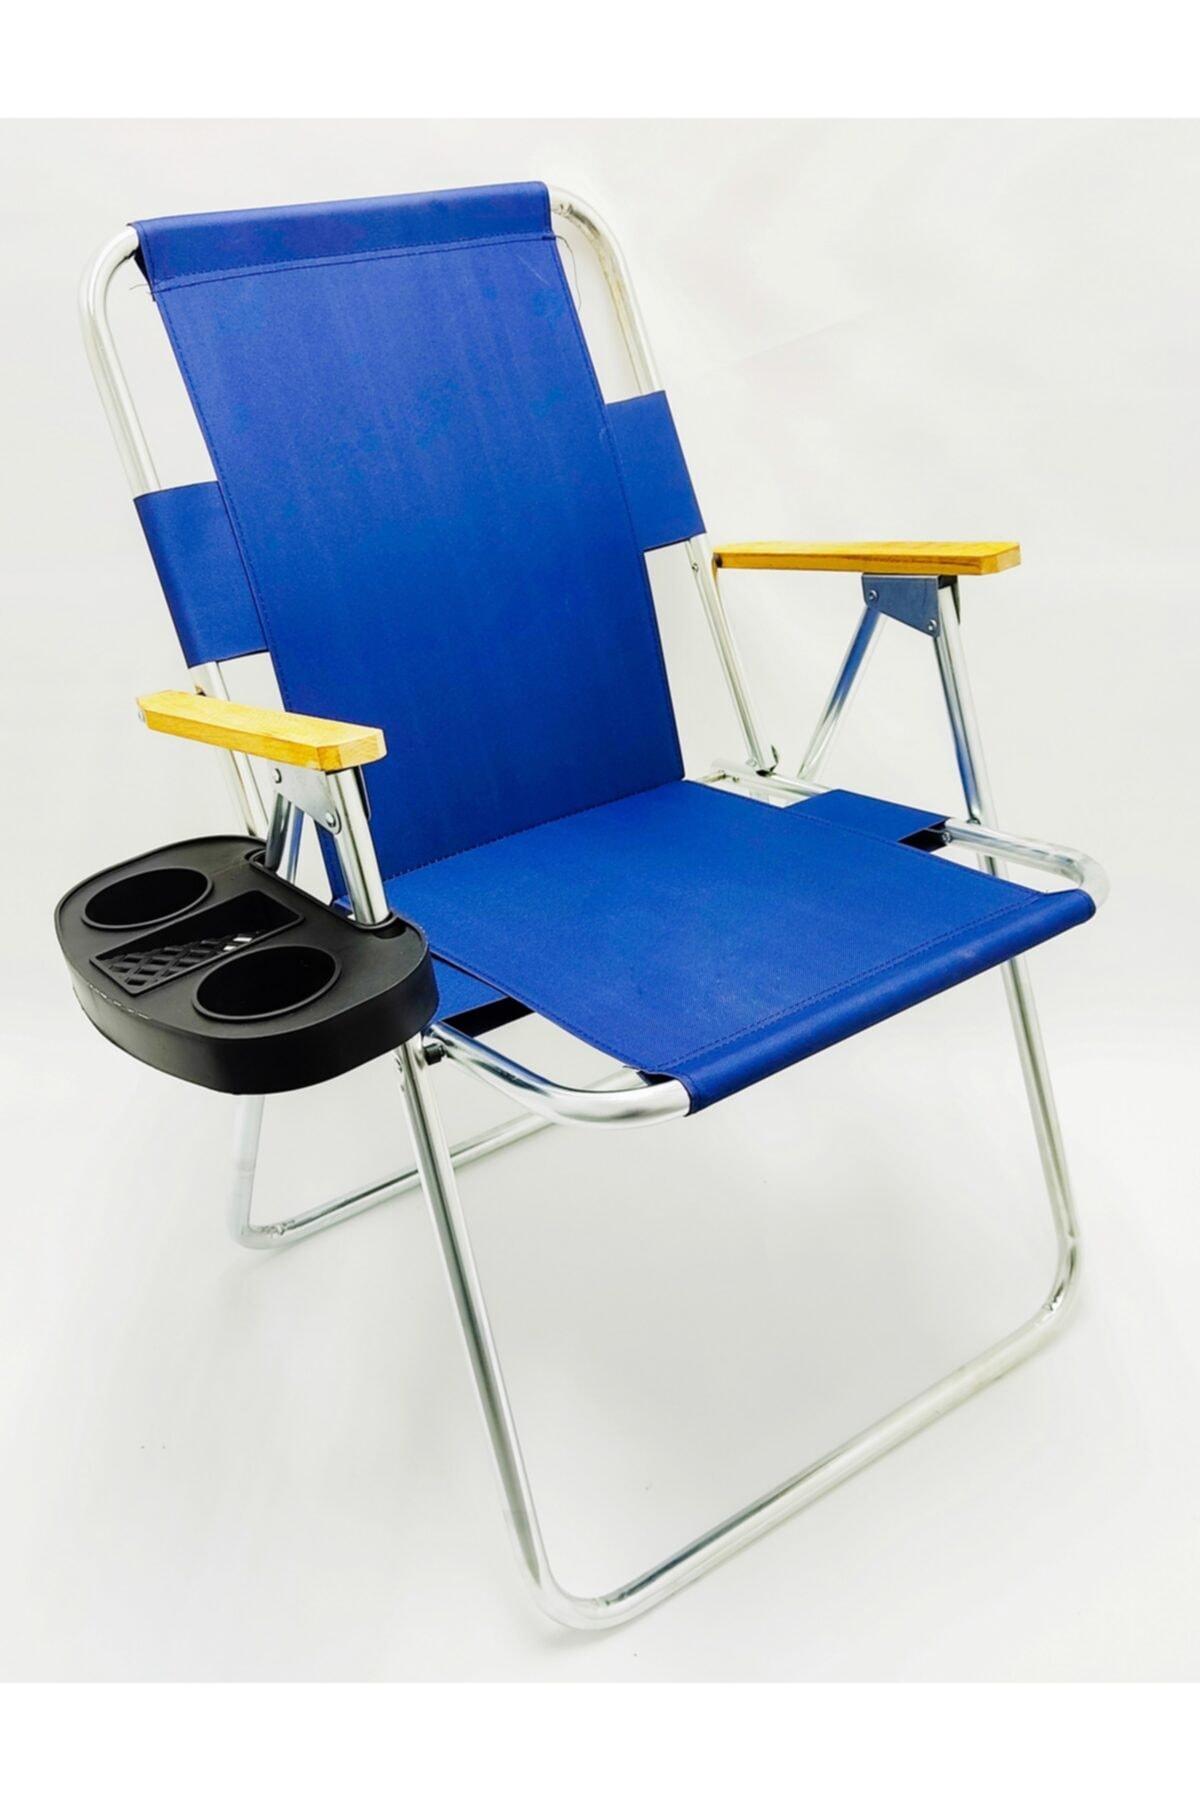 Katlanır Ahşap Kolçaklı Kamp Plaj Bahçe Sandalyesi-Aparatlı